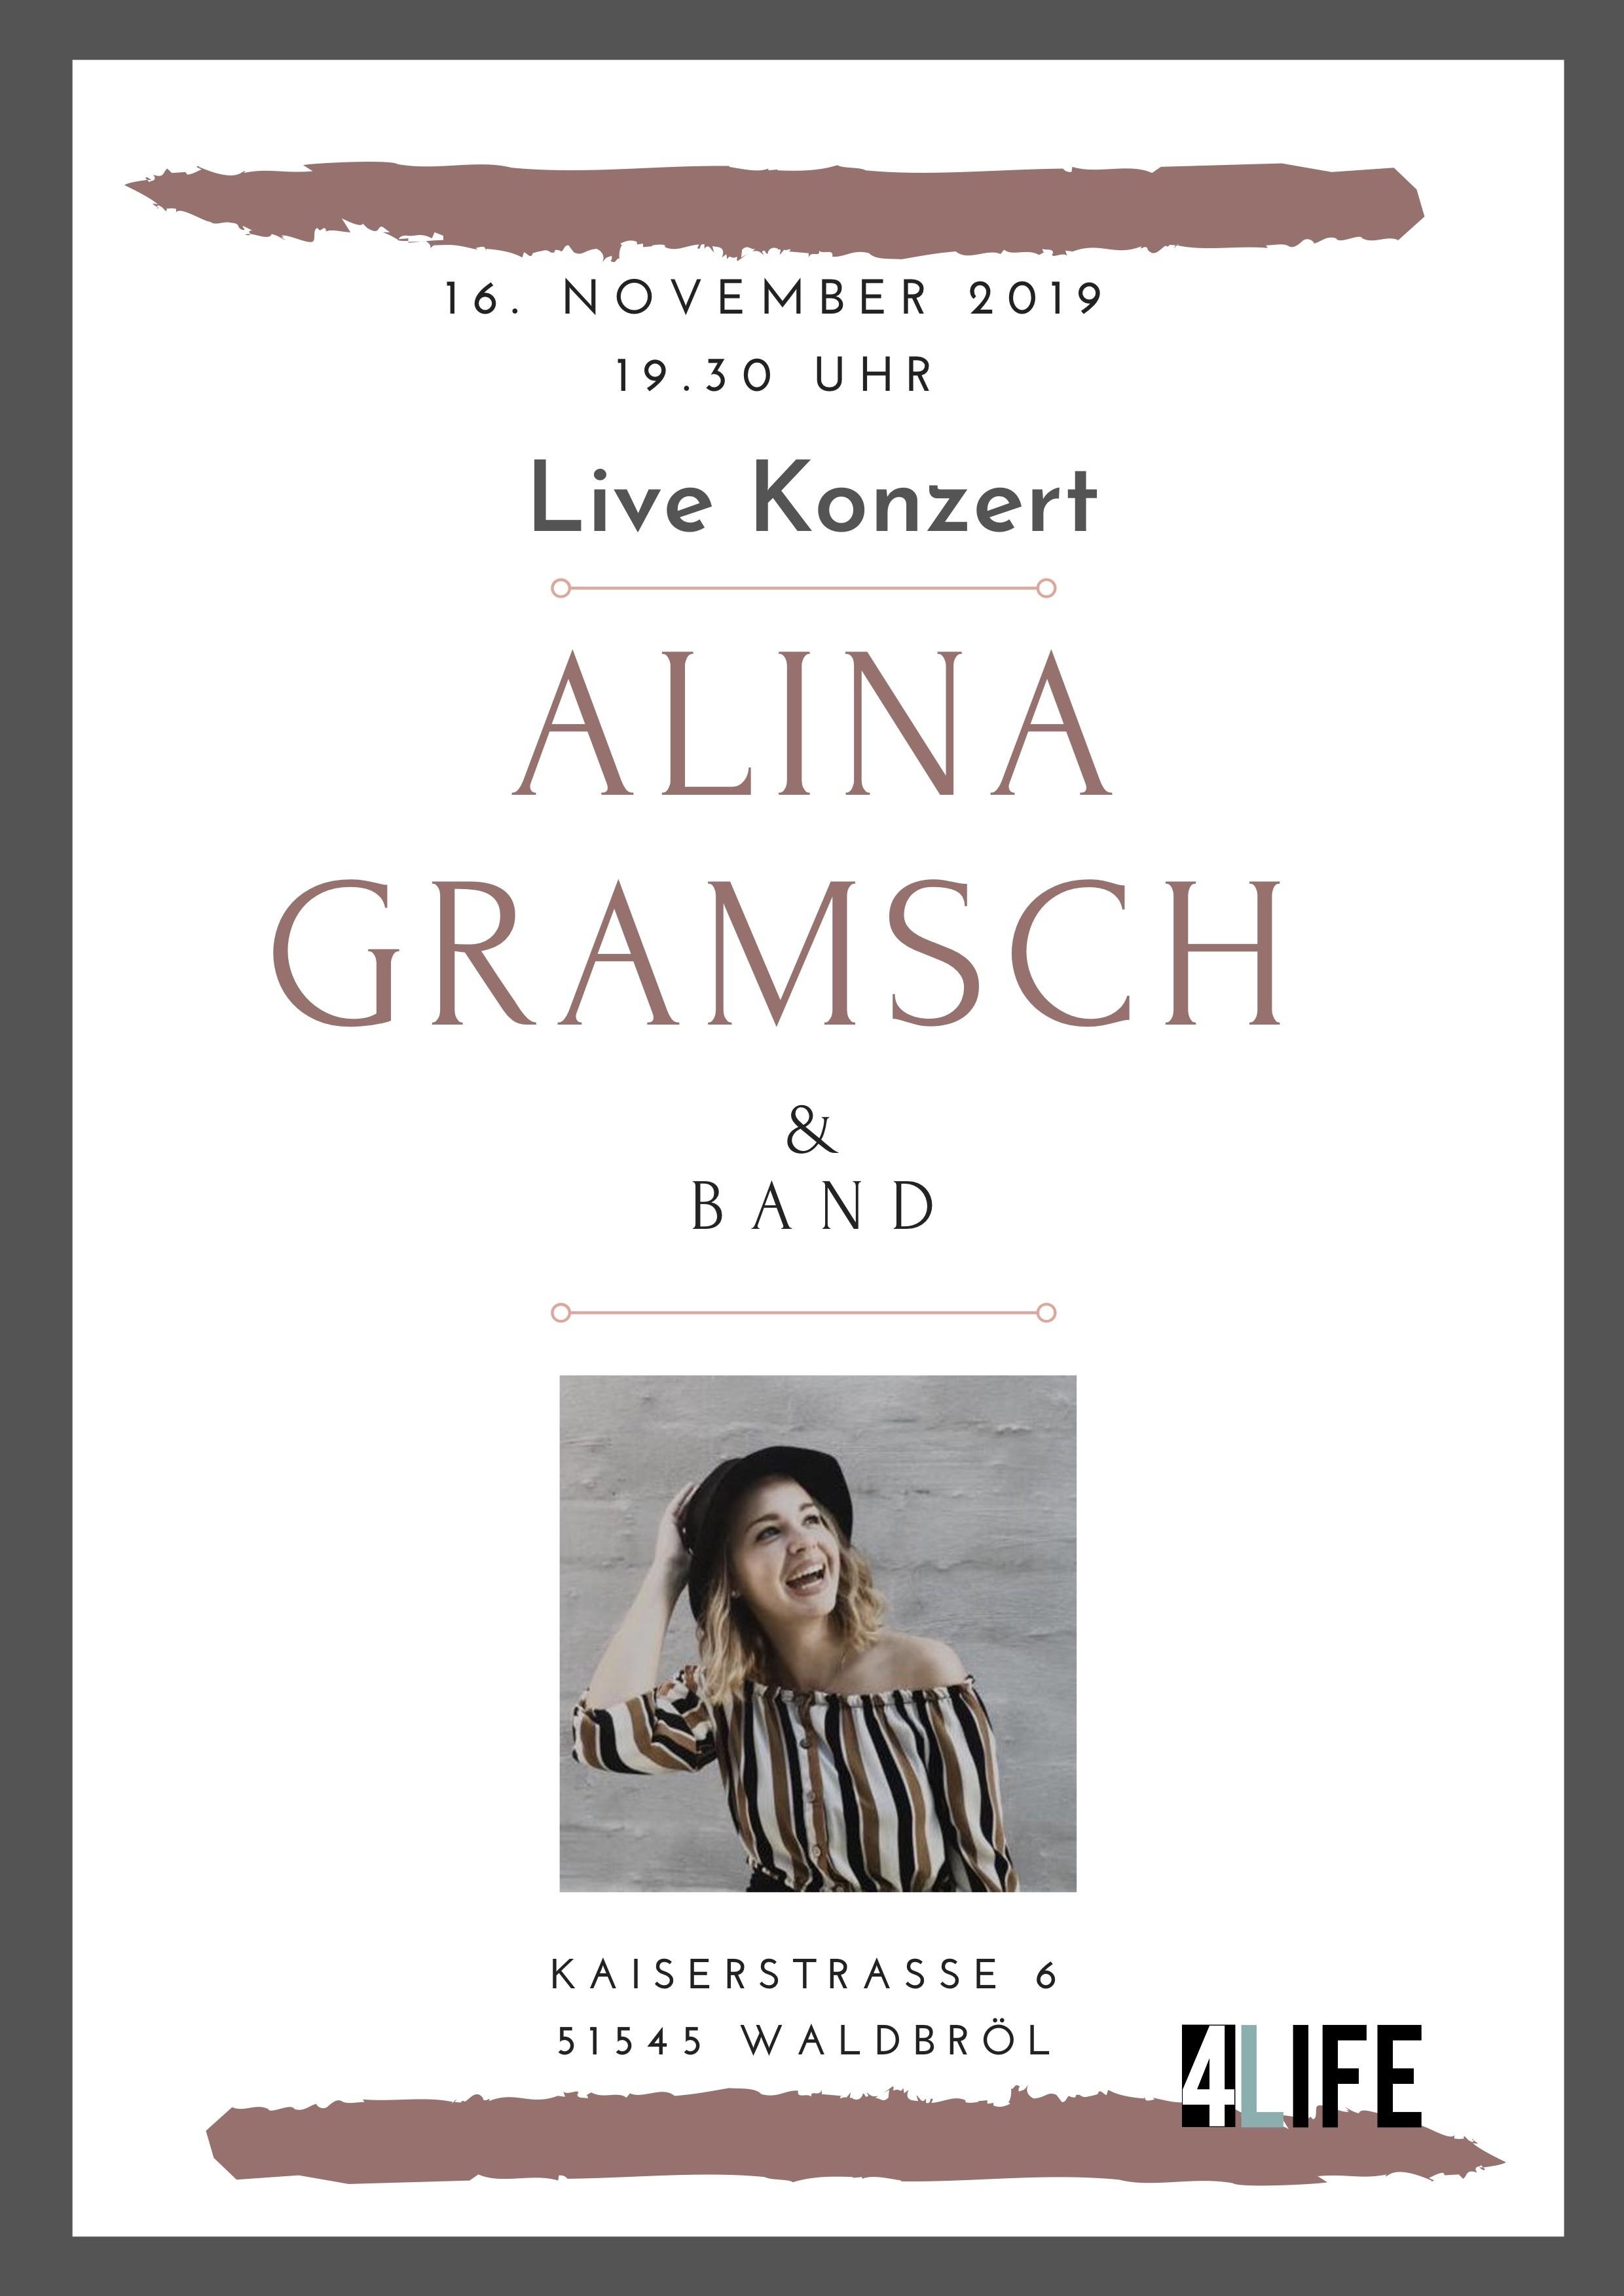 Alina Gramsch